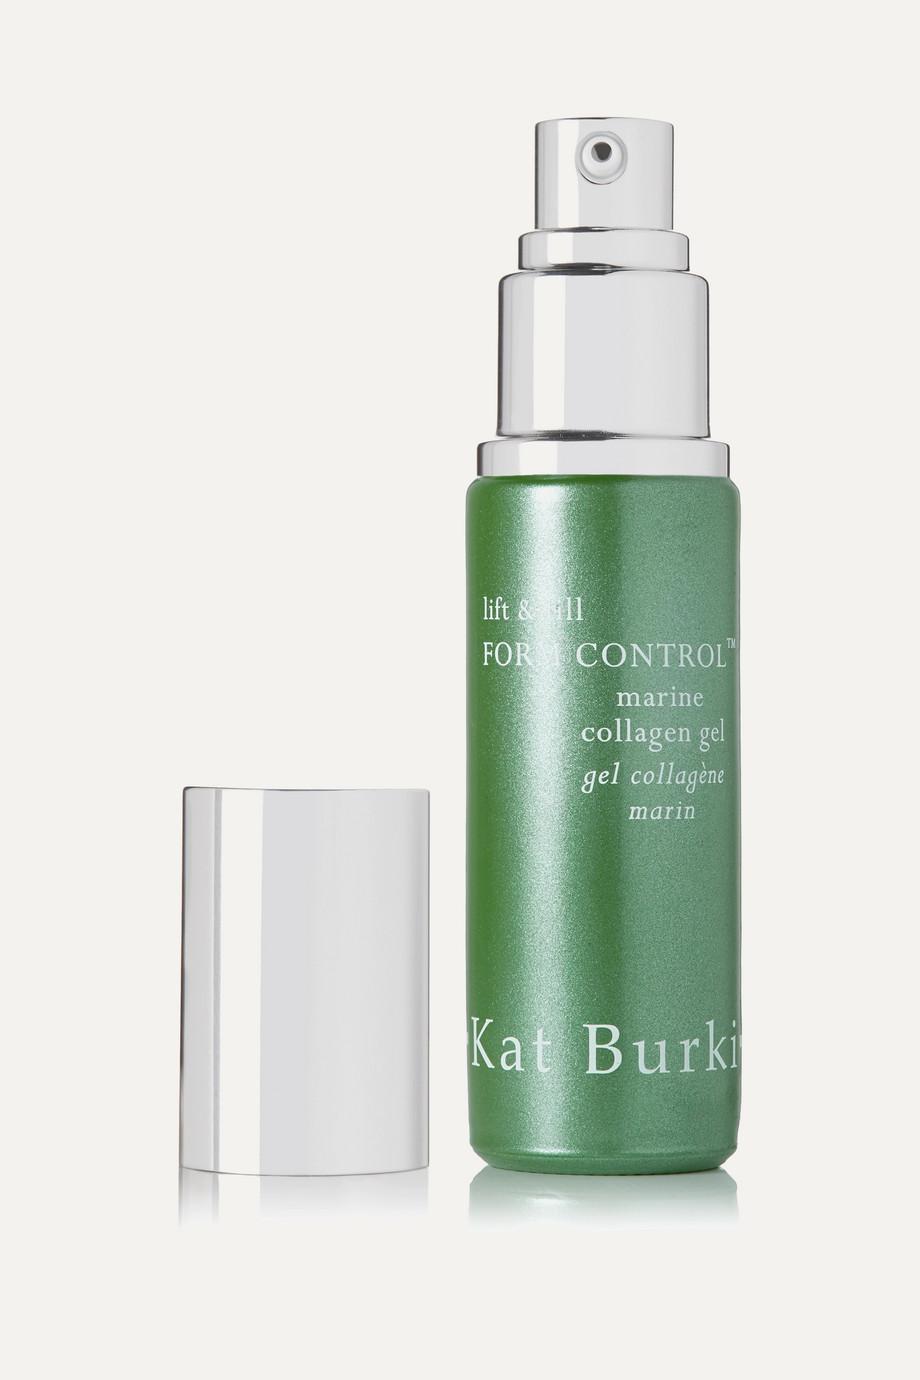 Kat Burki Form Control Marine Collagen Gel, 30ml